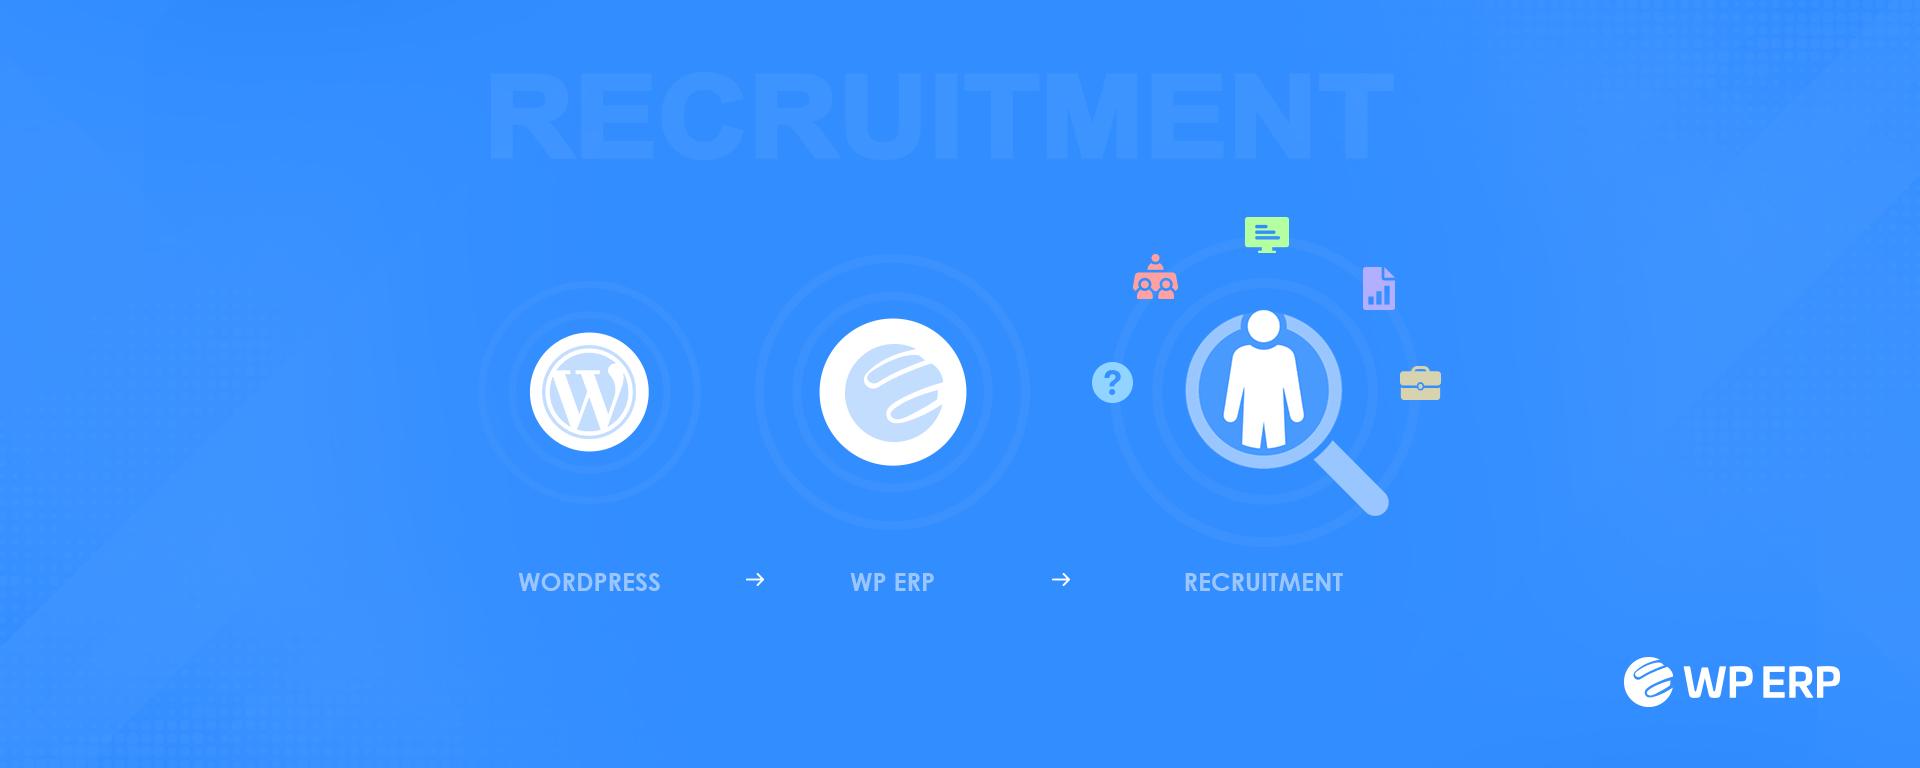 WordPress recruitment